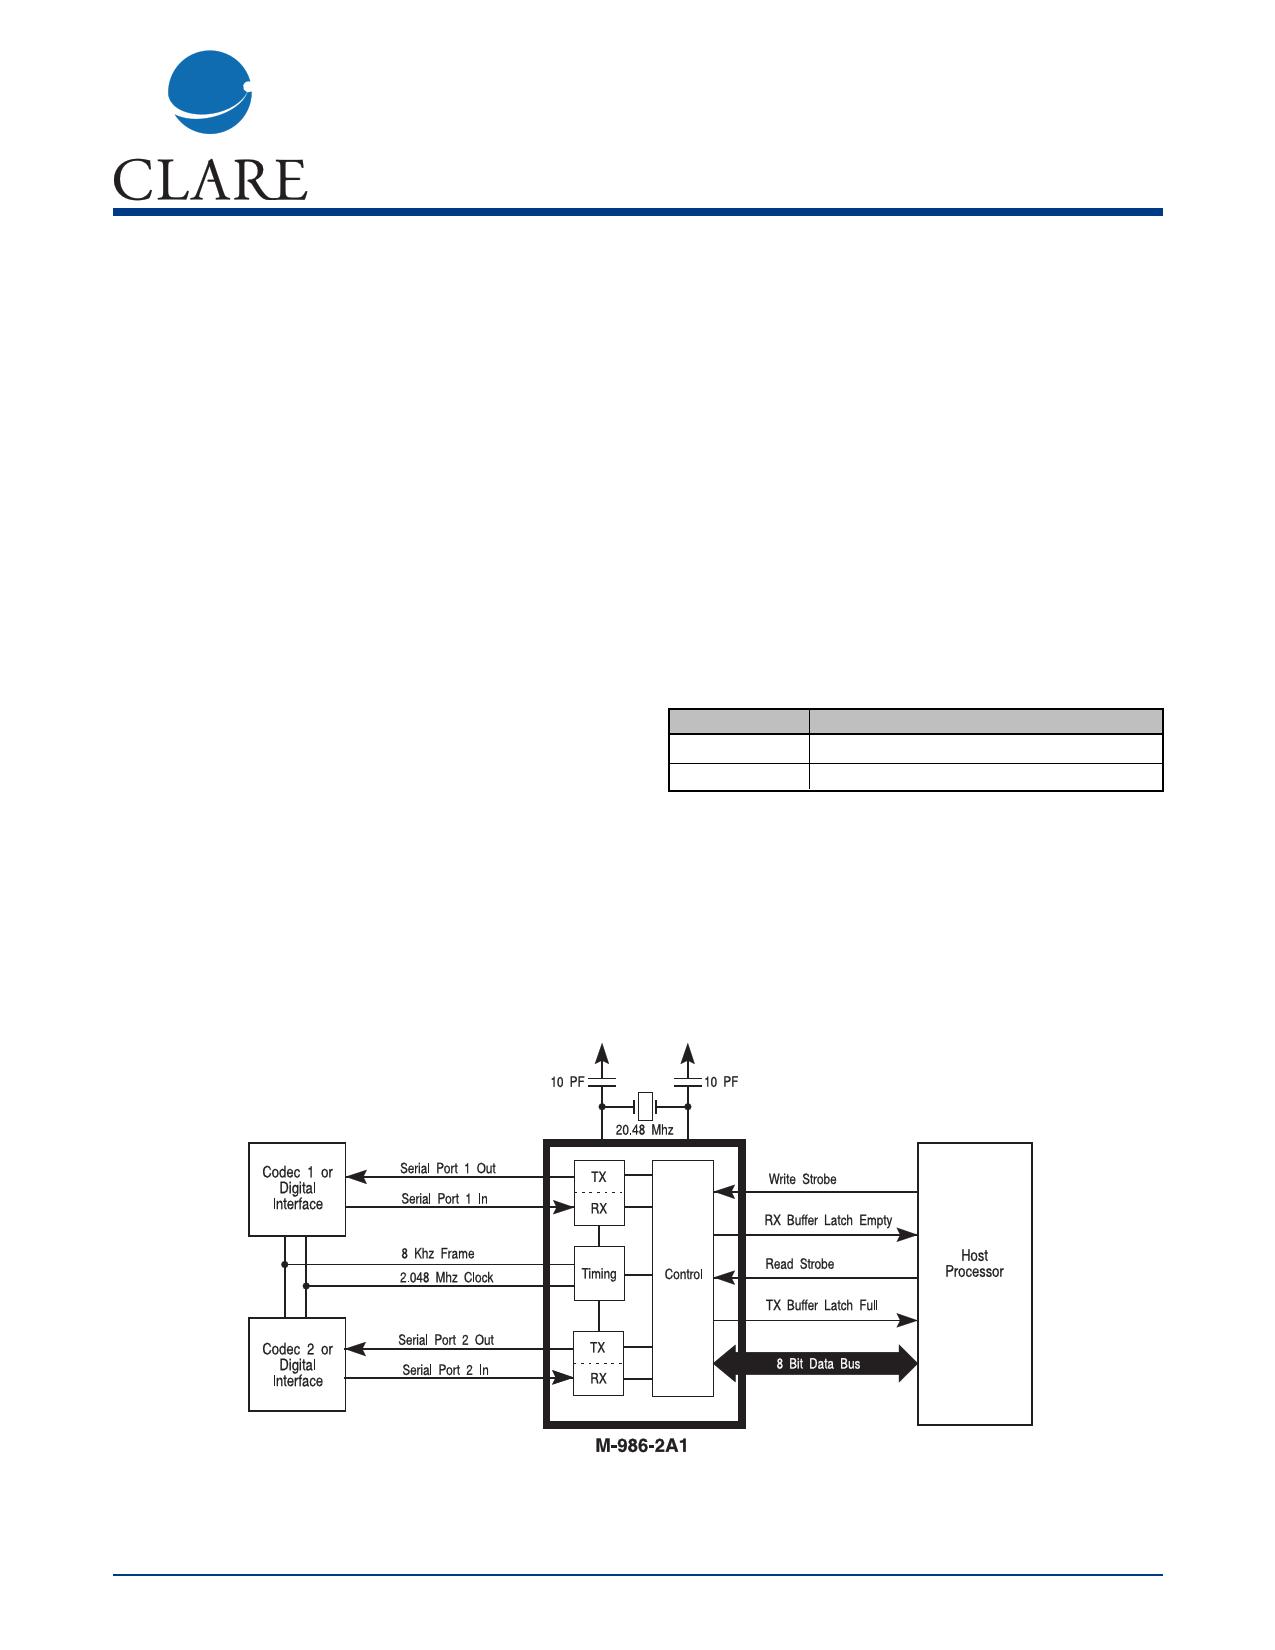 M-986-2A1P دیتاشیت PDF